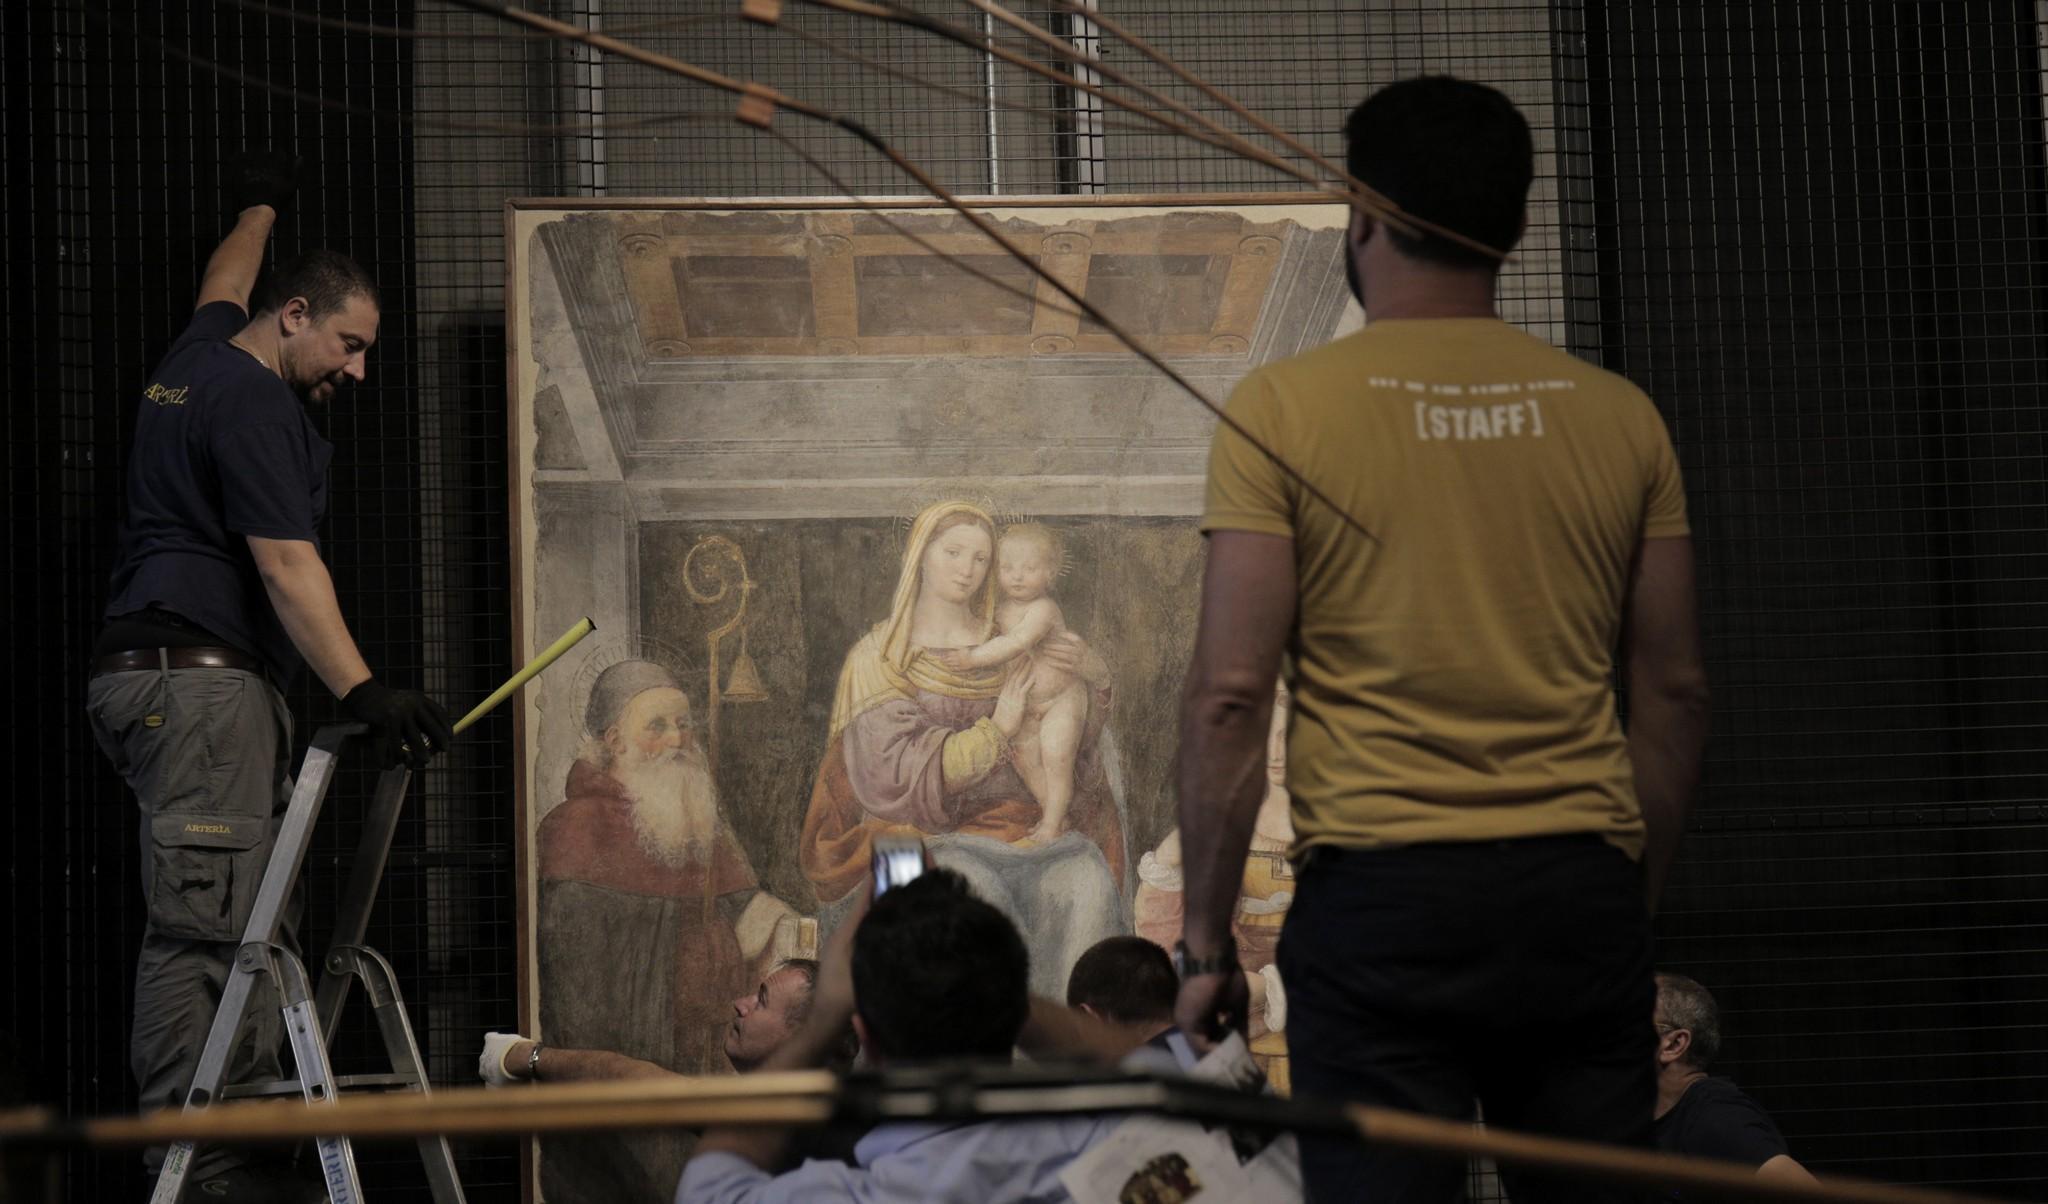 A Milano la mostra di Leonardo da Vinci Parade